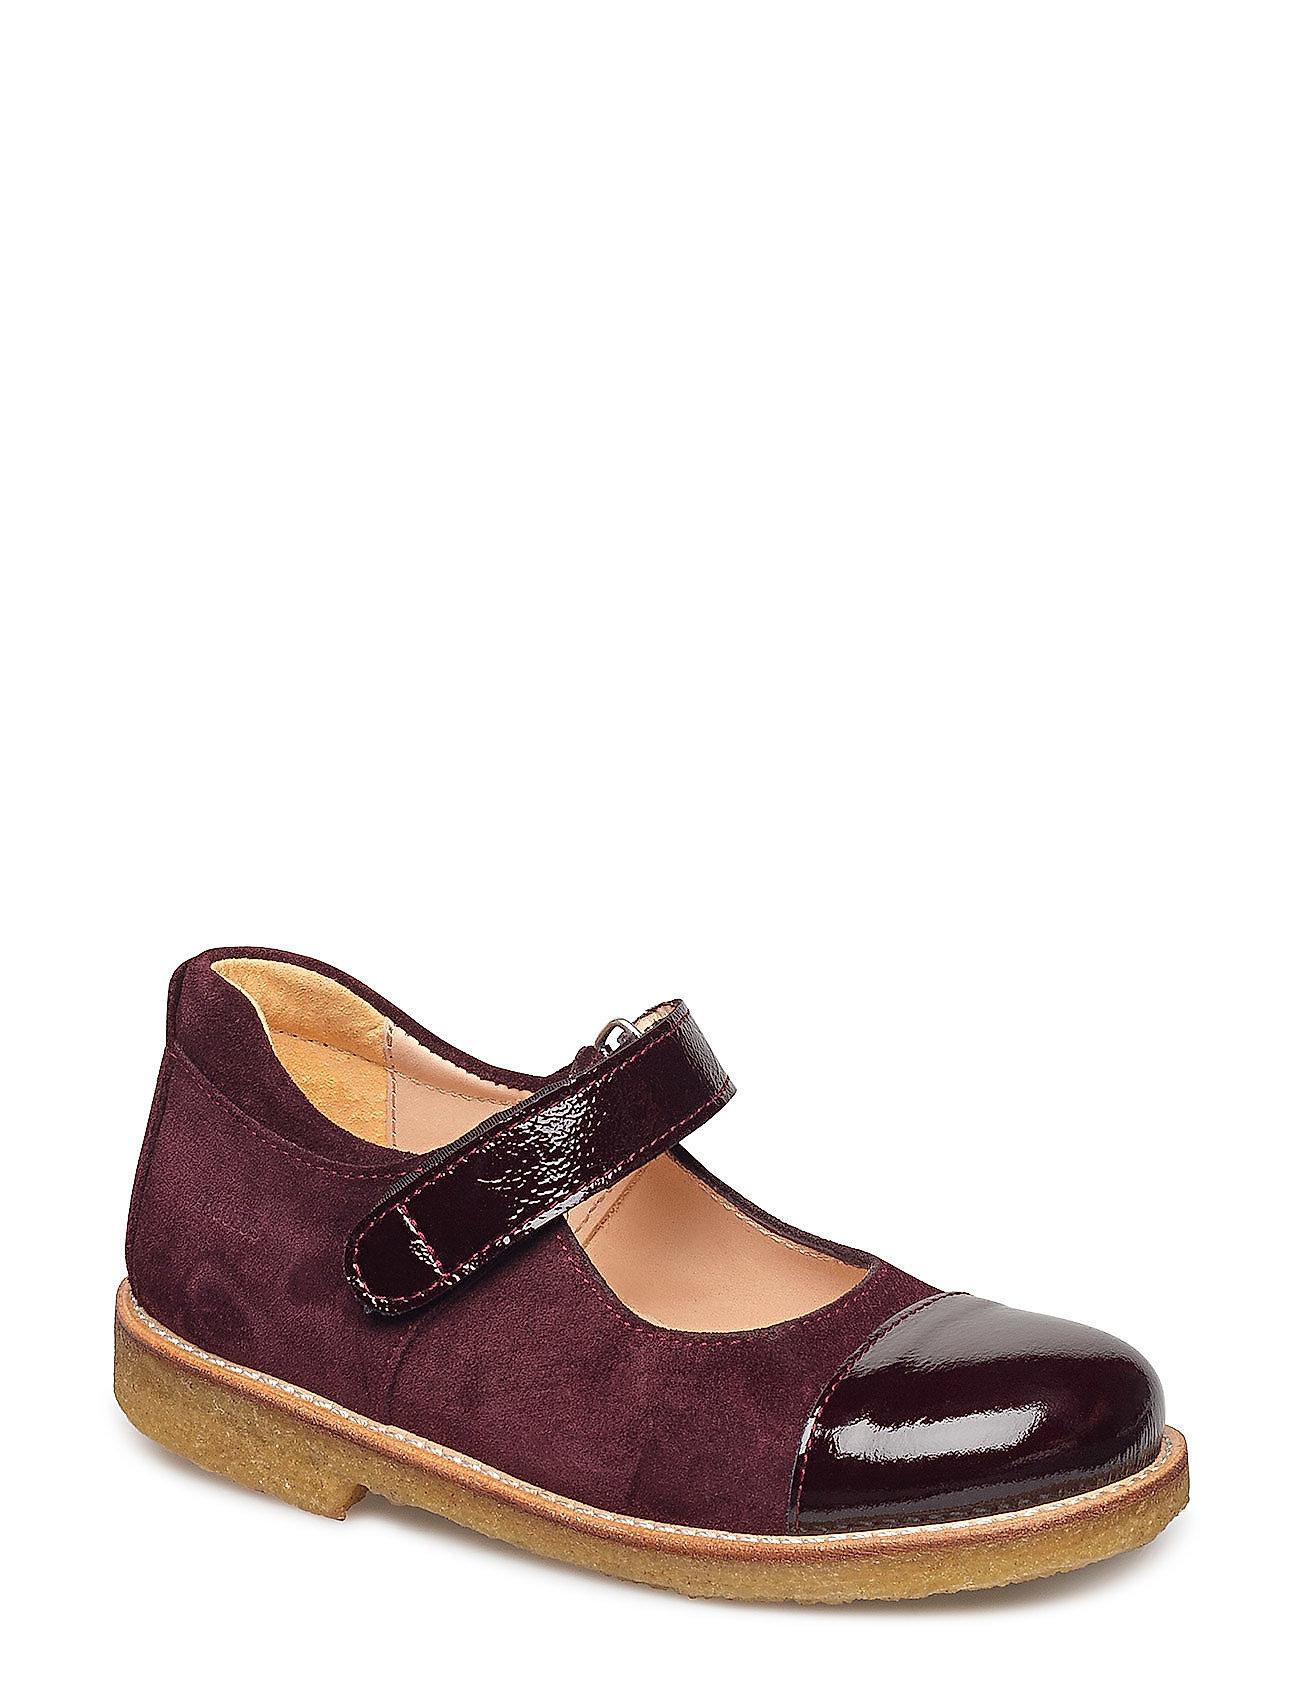 ANGULUS Shoes - flat - 2341/2195 BORDEAUX/BORDEAUX